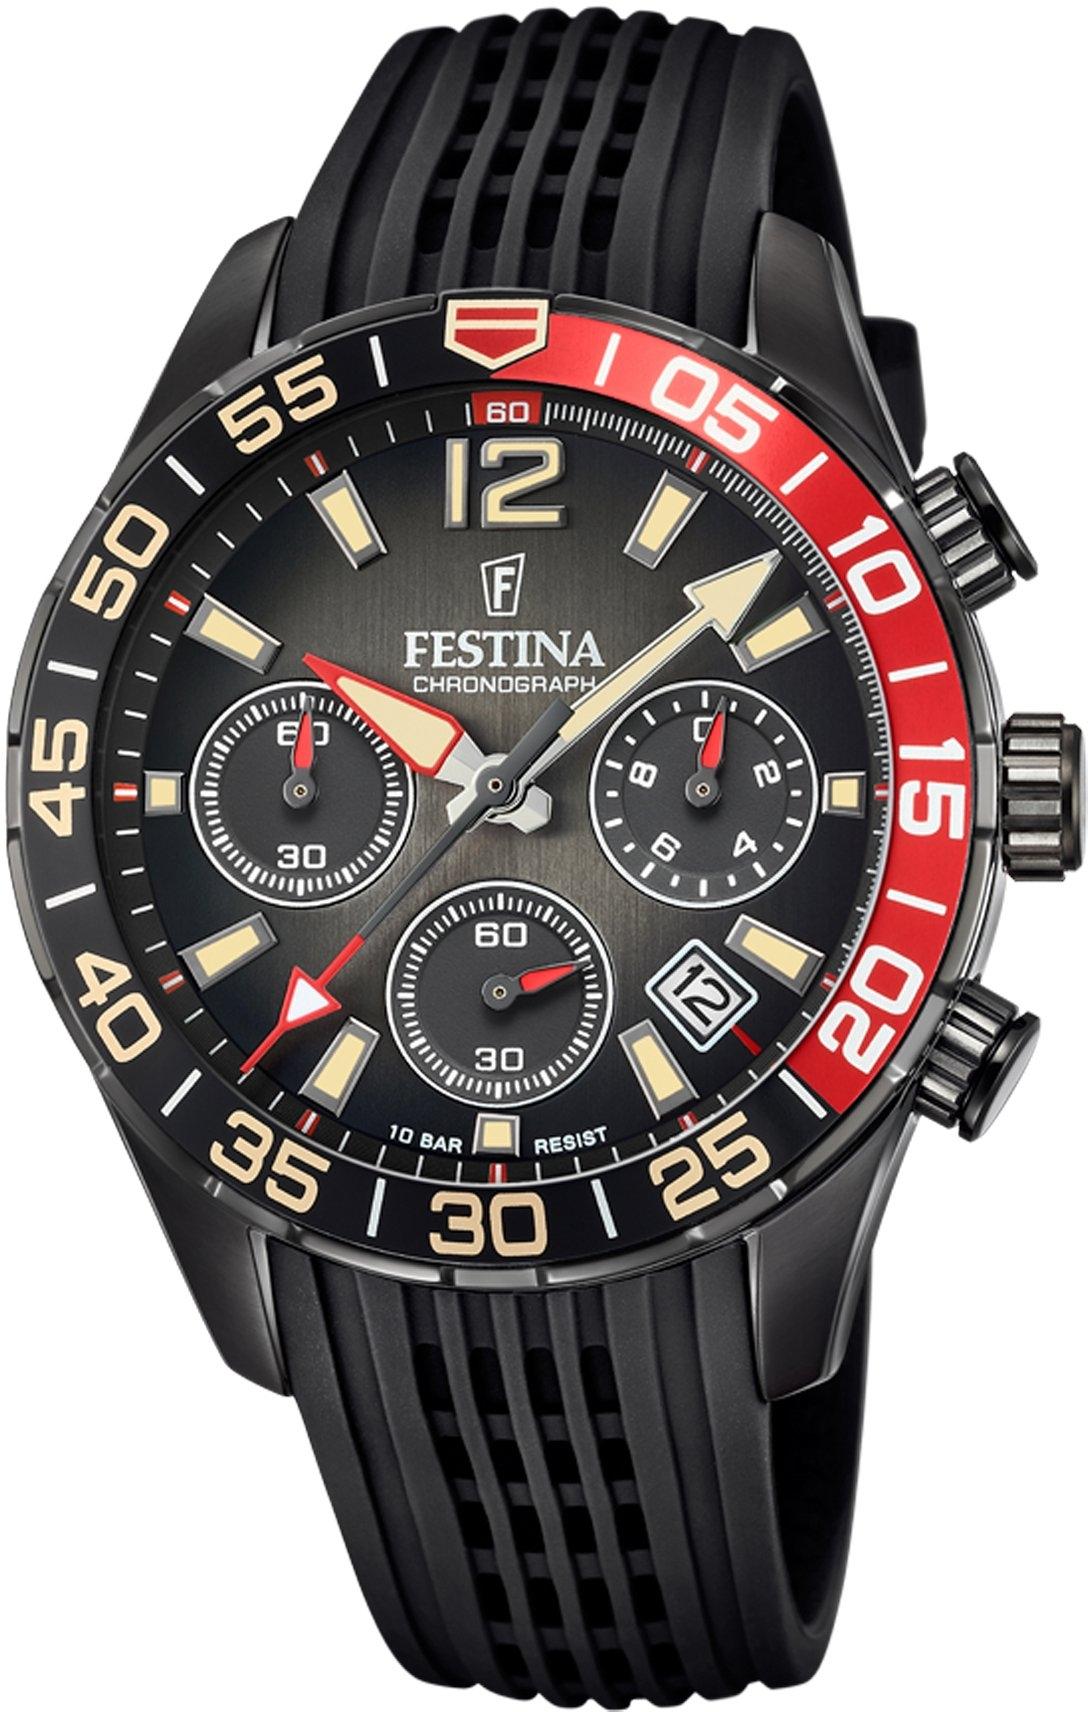 Festina chronograaf F20518/3 goedkoop op otto.nl kopen